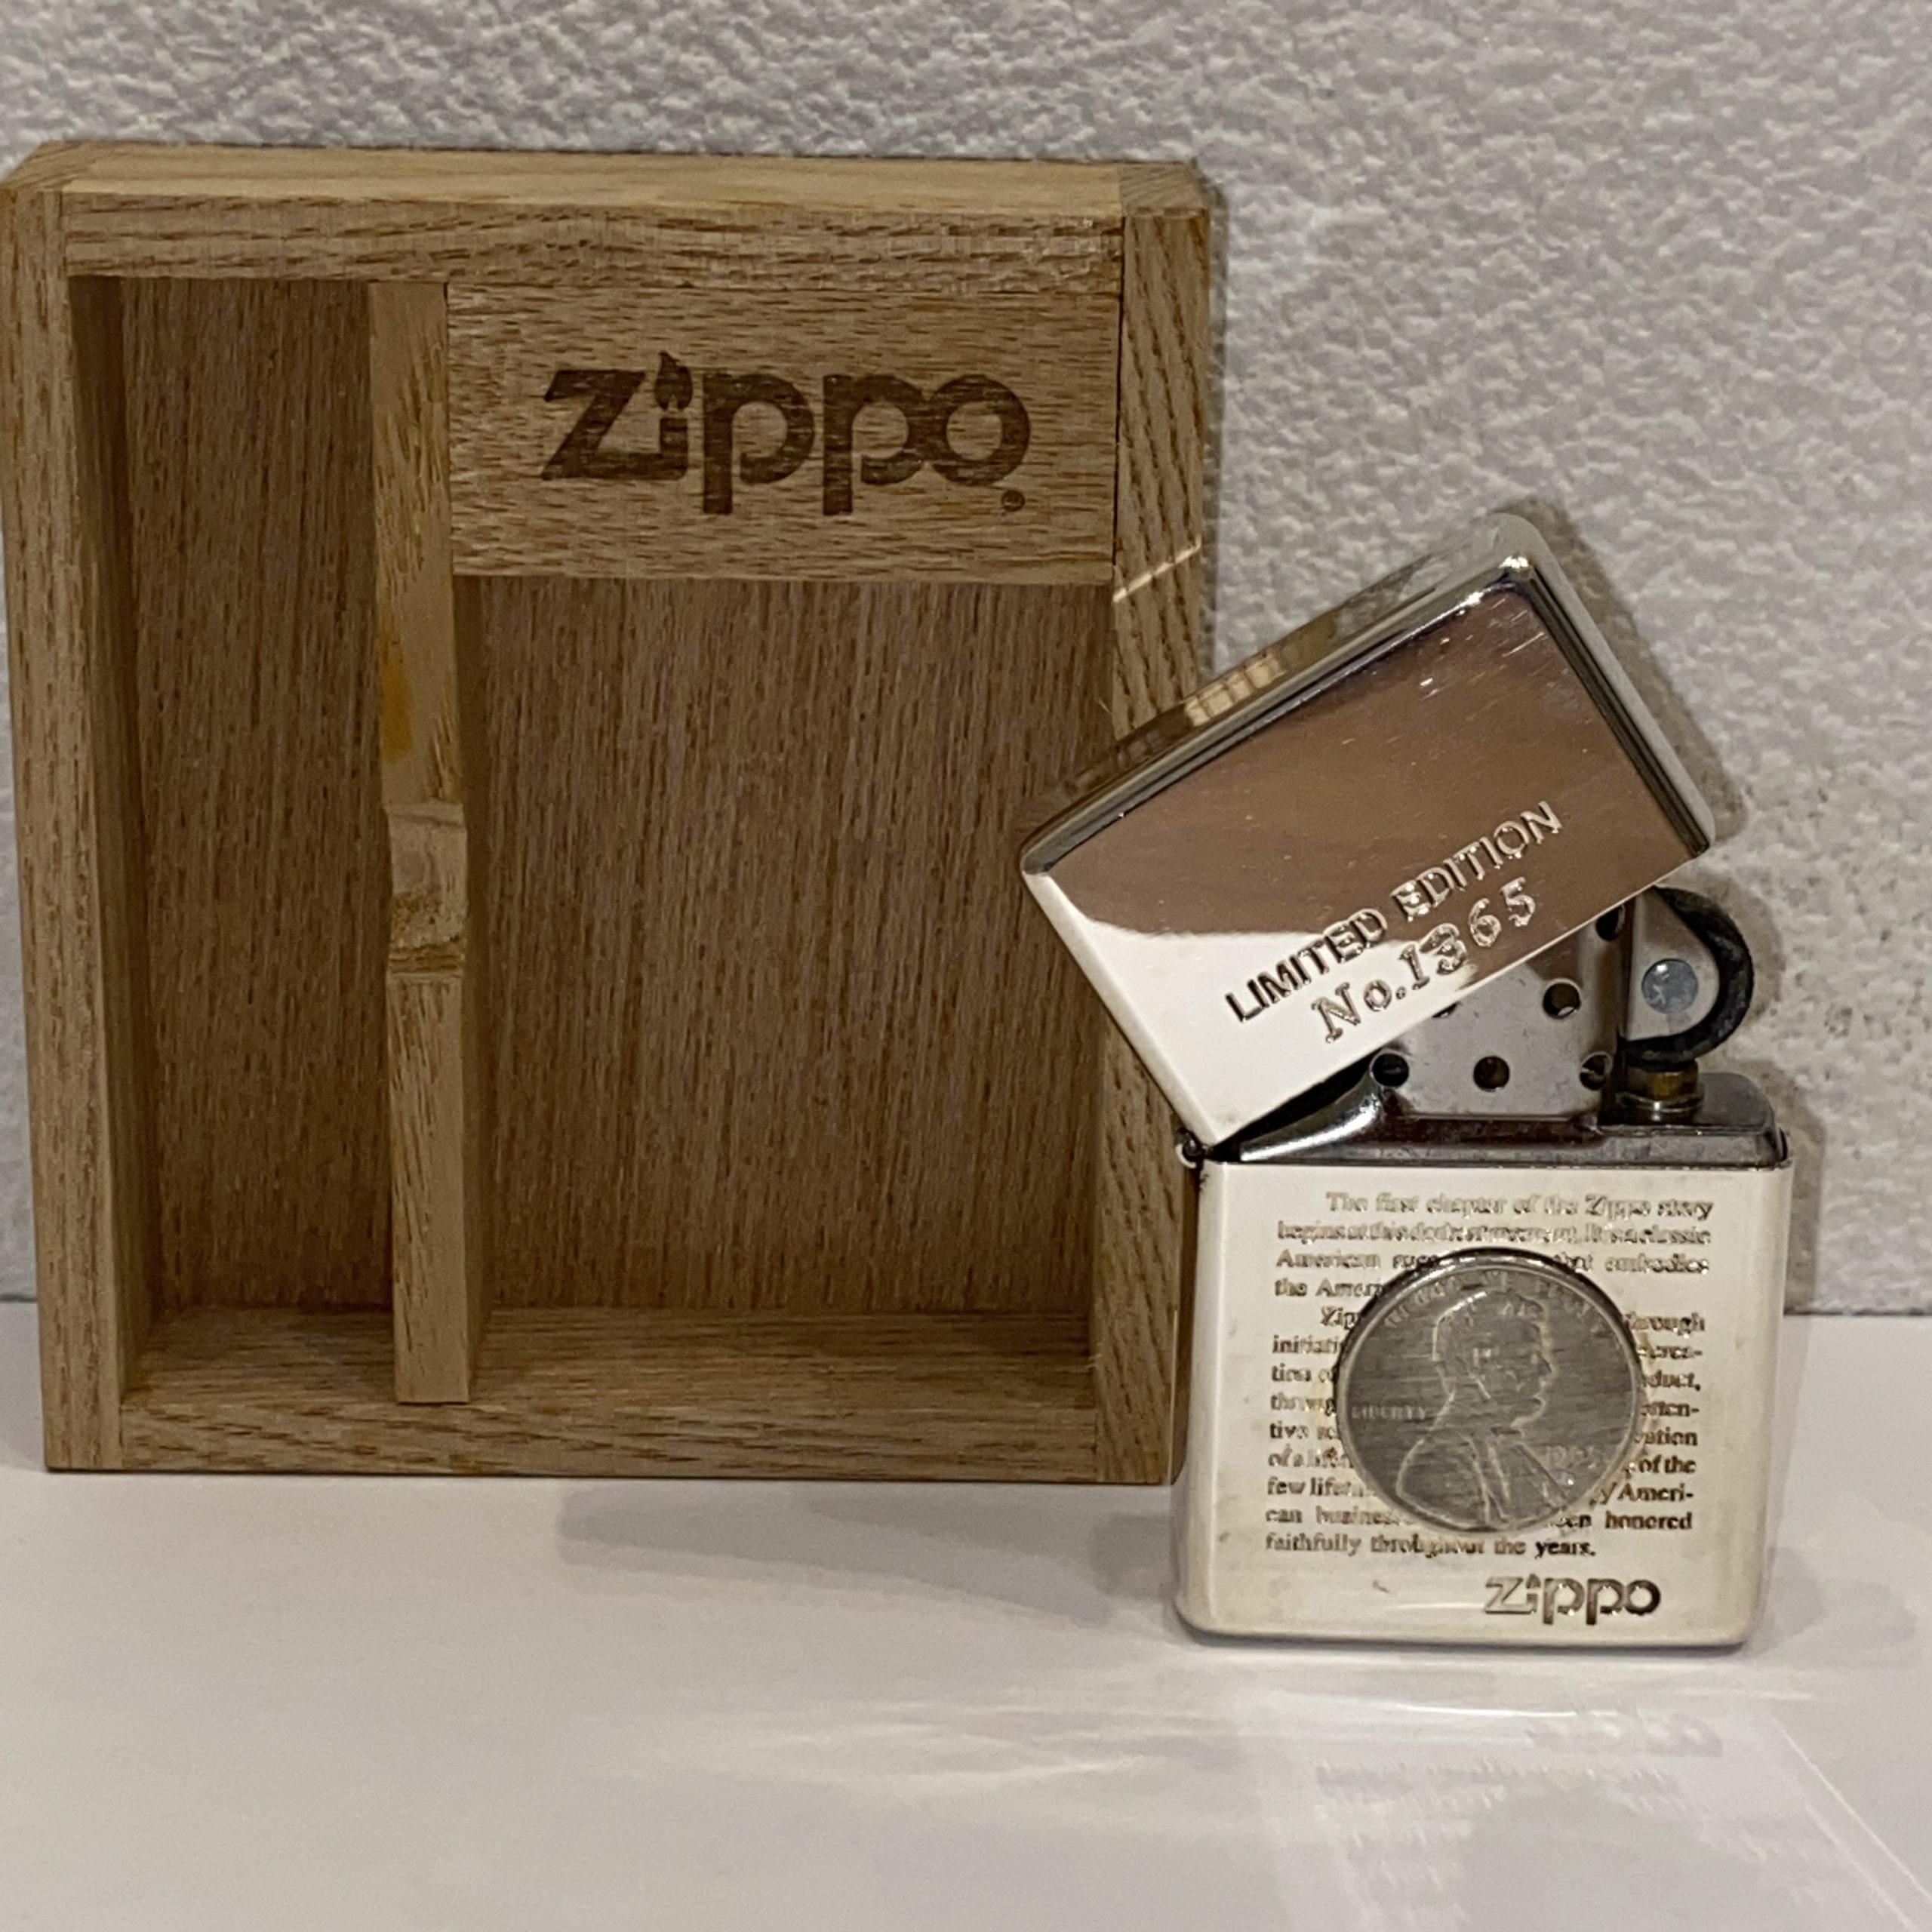 【Zippo/ジッポ】オイルライター LIMITED EDITION/リミテッドエディション No.1365